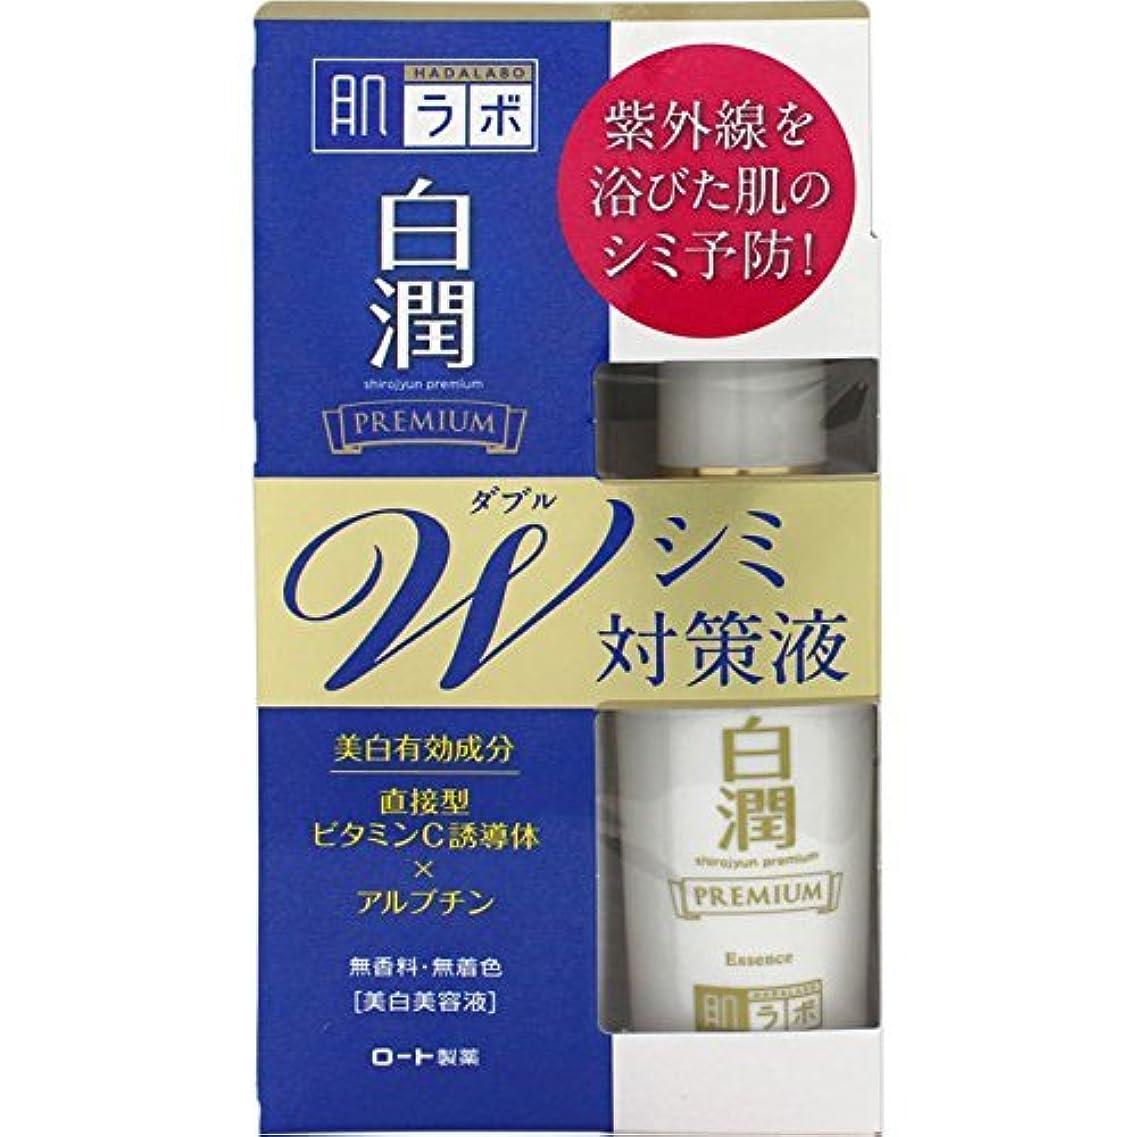 インシデントリンケージ現象肌ラボ 白潤 プレミアムW美白美容液 40mL (医薬部外品)×2